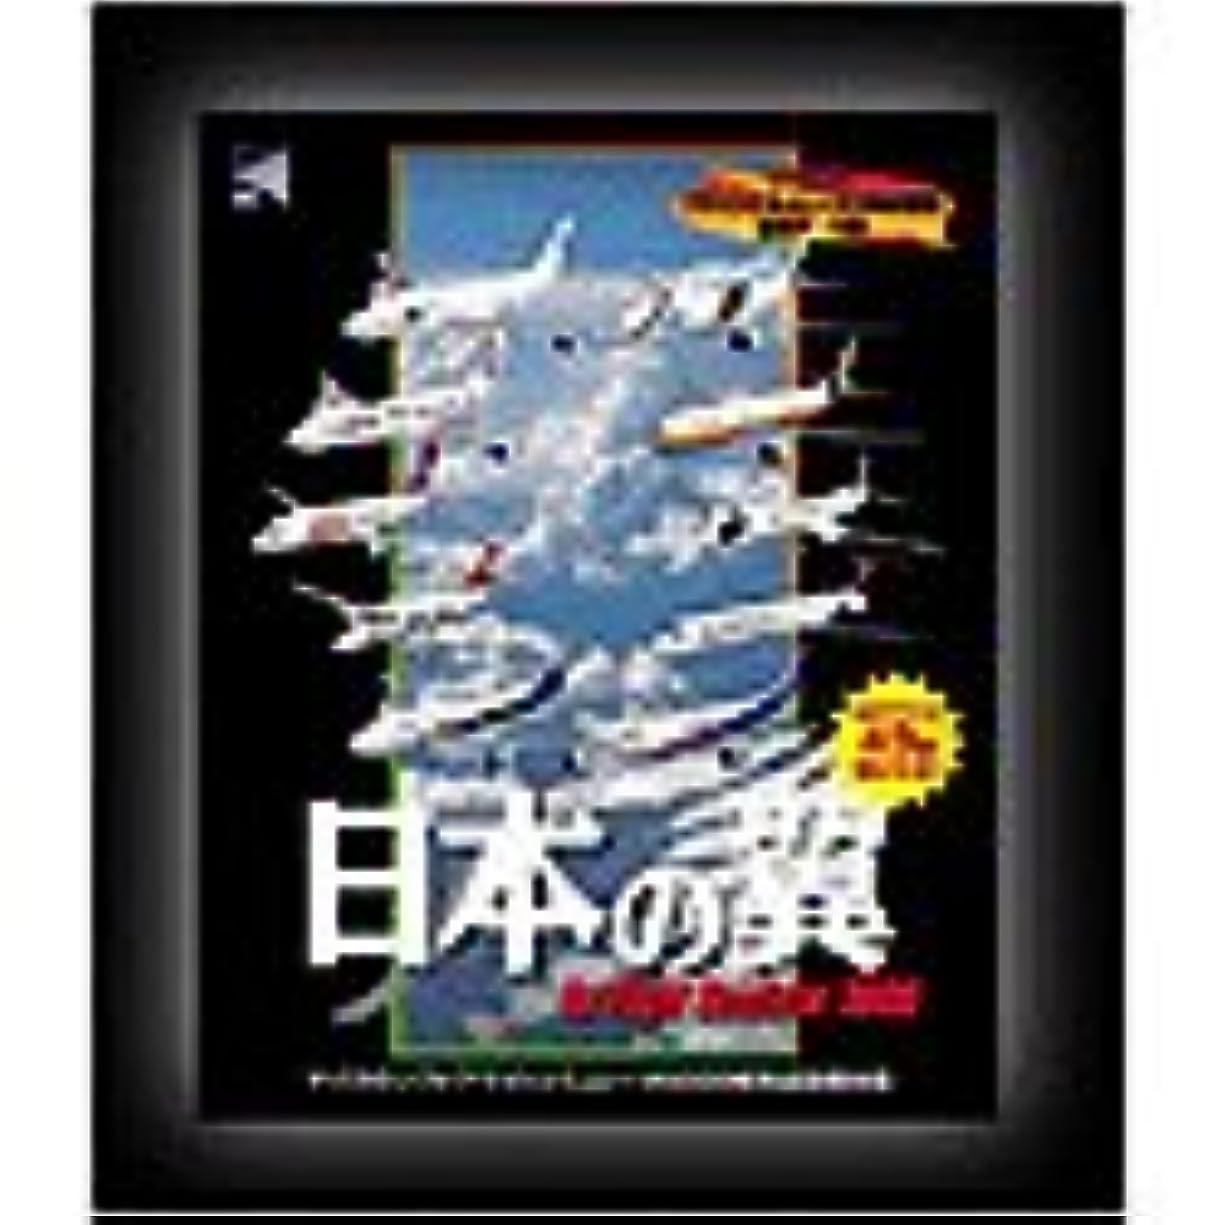 悪行感情の役員日本の翼 for Fight Simulator 2000